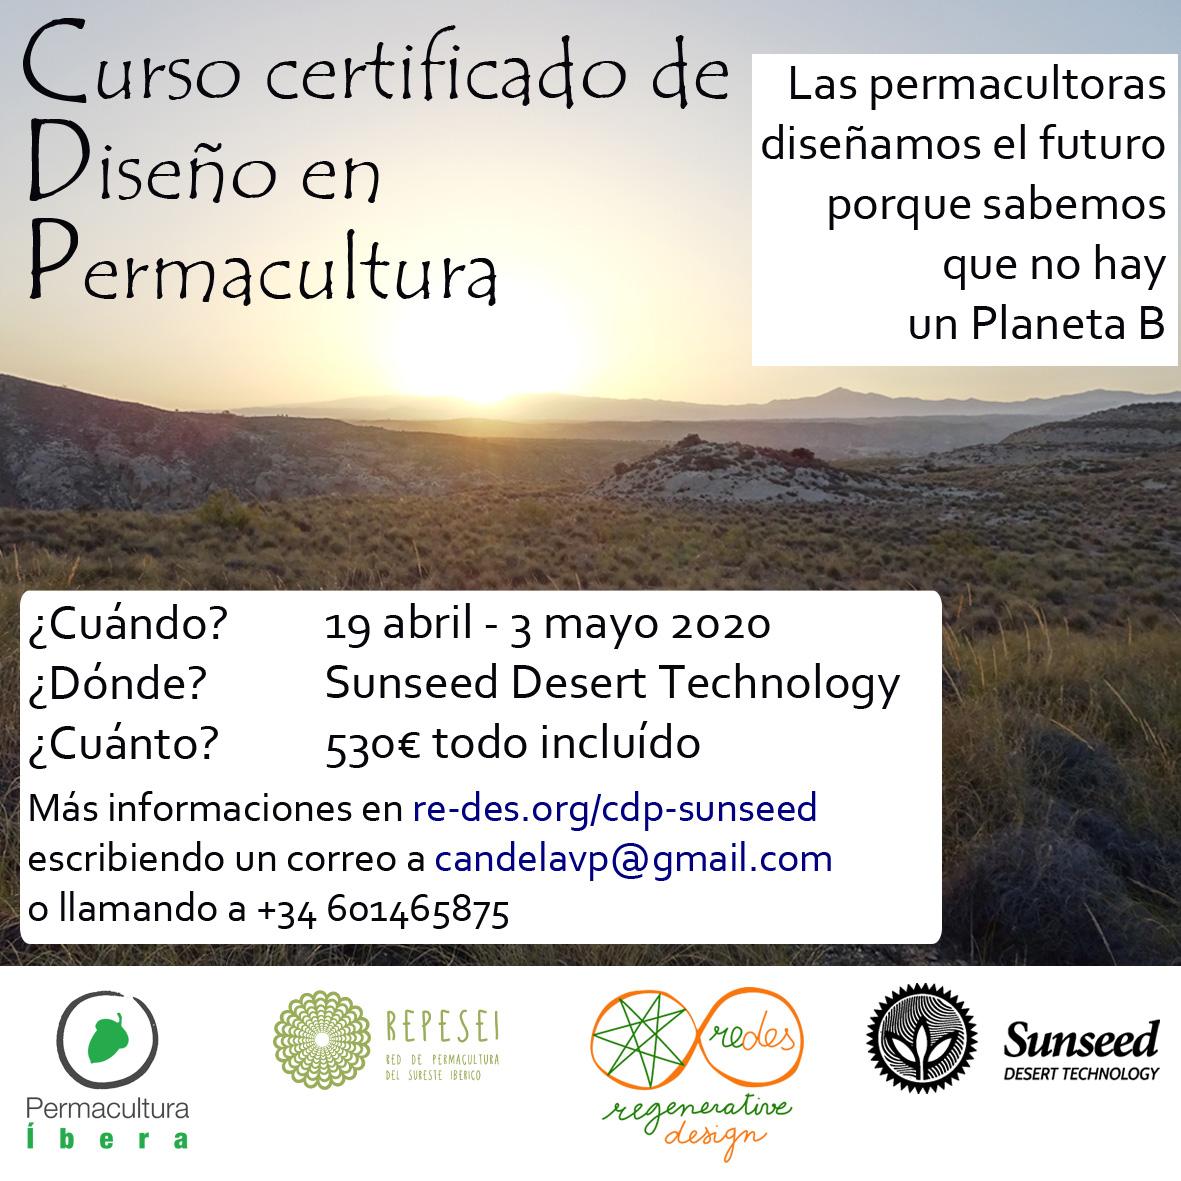 Curso certificado de Diseño en Permacultura CDP en Sunseed Desert Technology